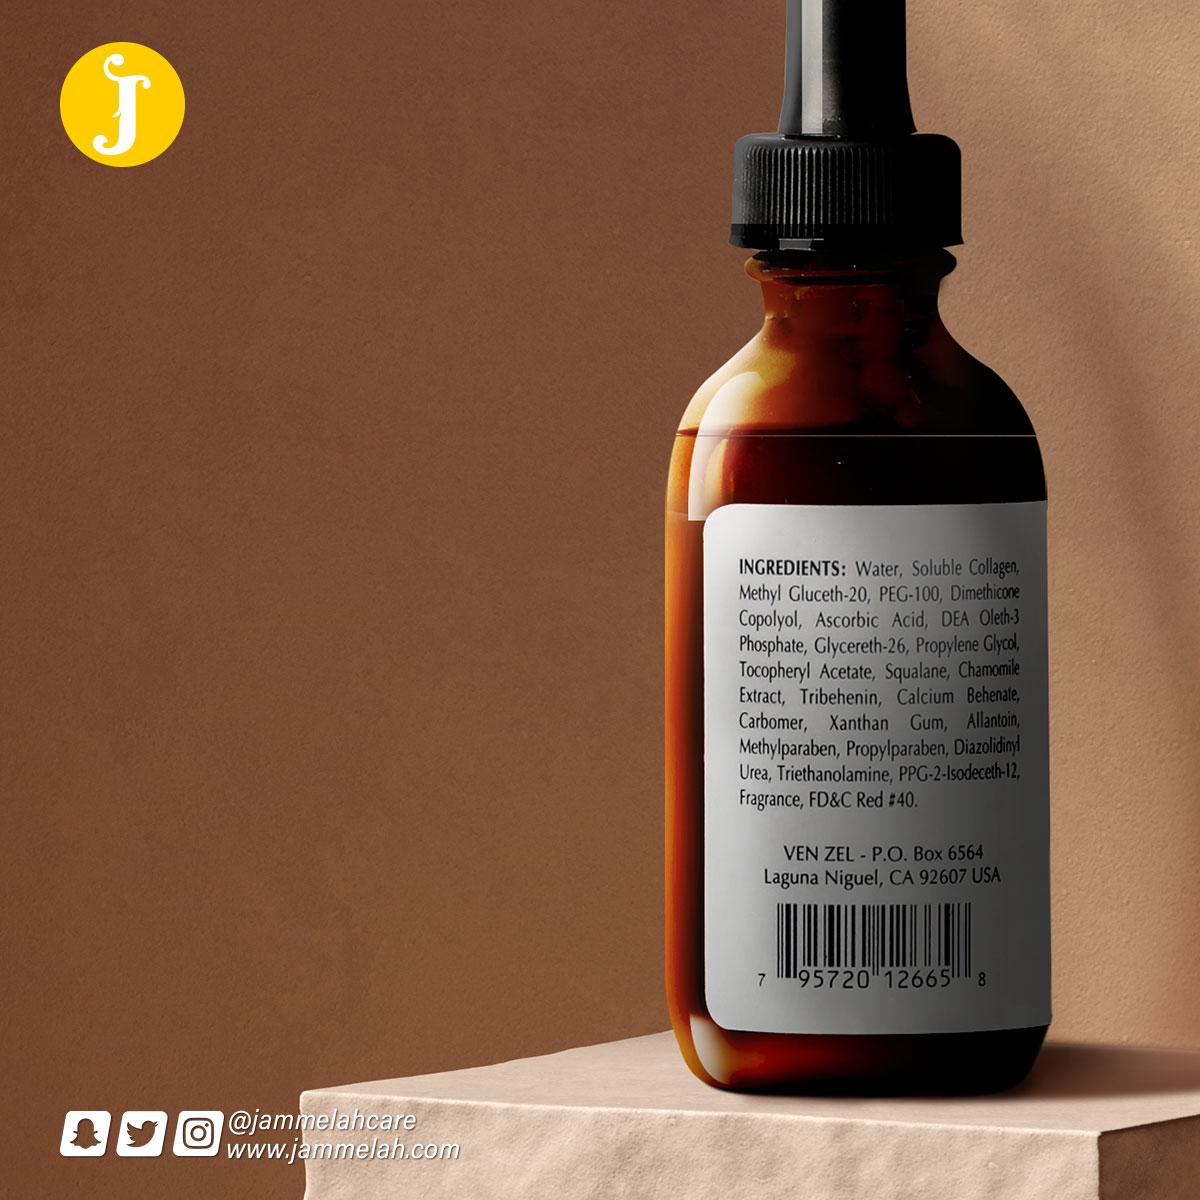 منتجات موثوق بها تحتوي على مواد آمنه